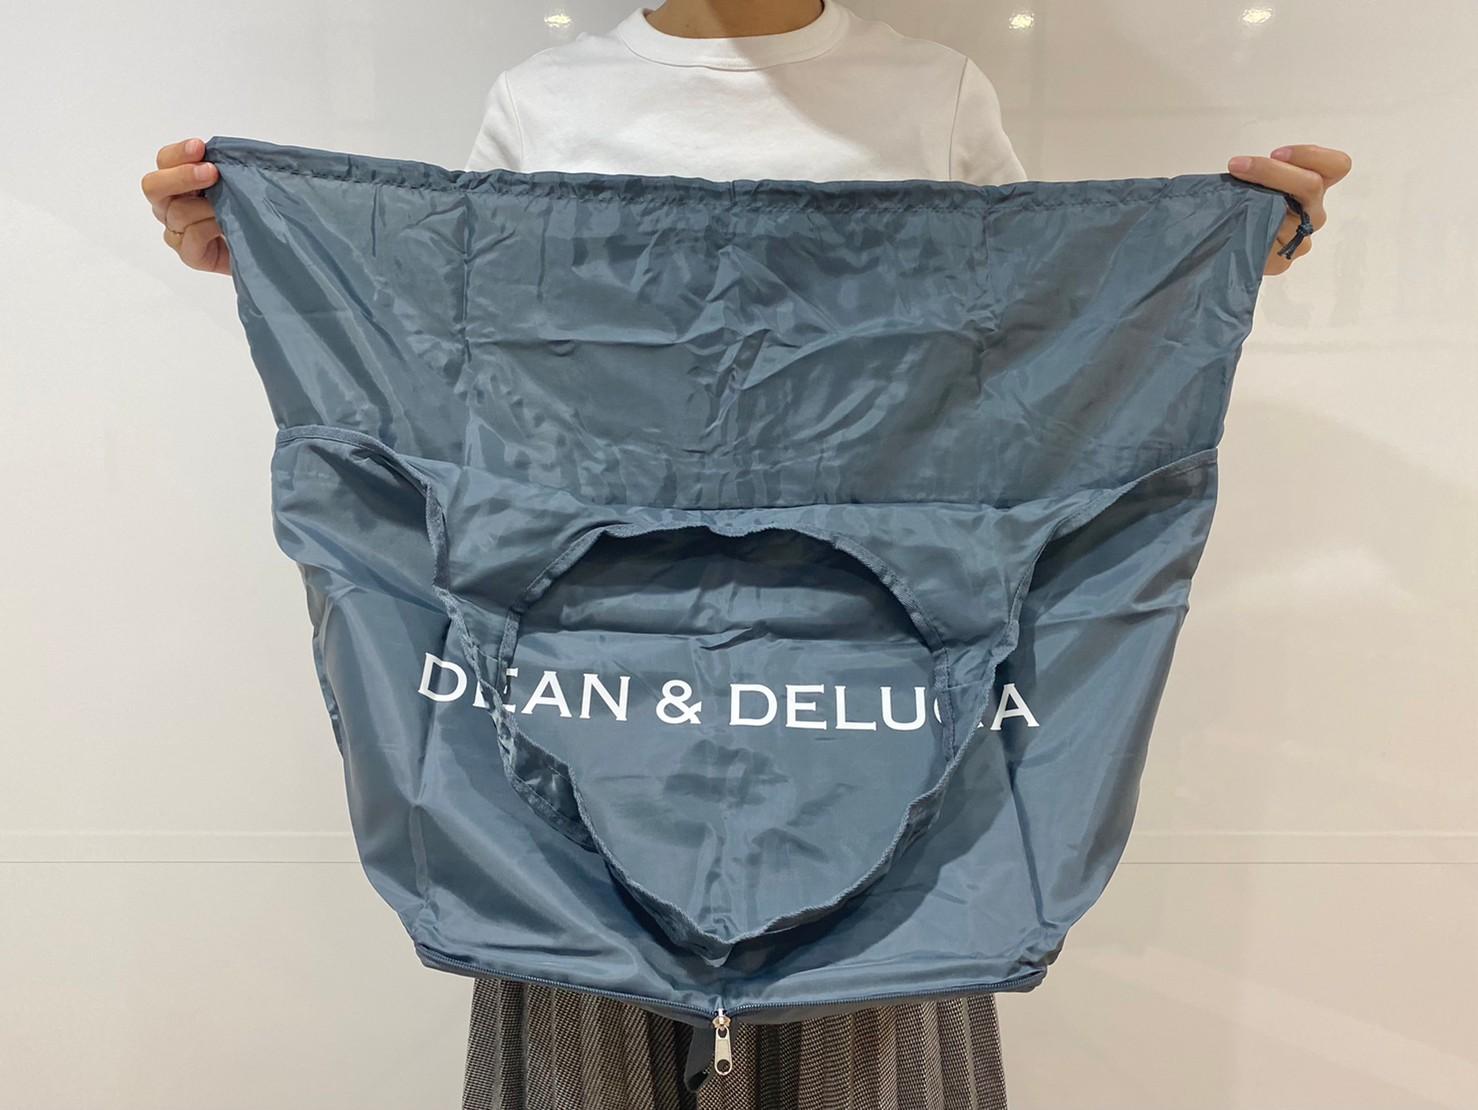 『レジかご買物バッグ』を持った画像